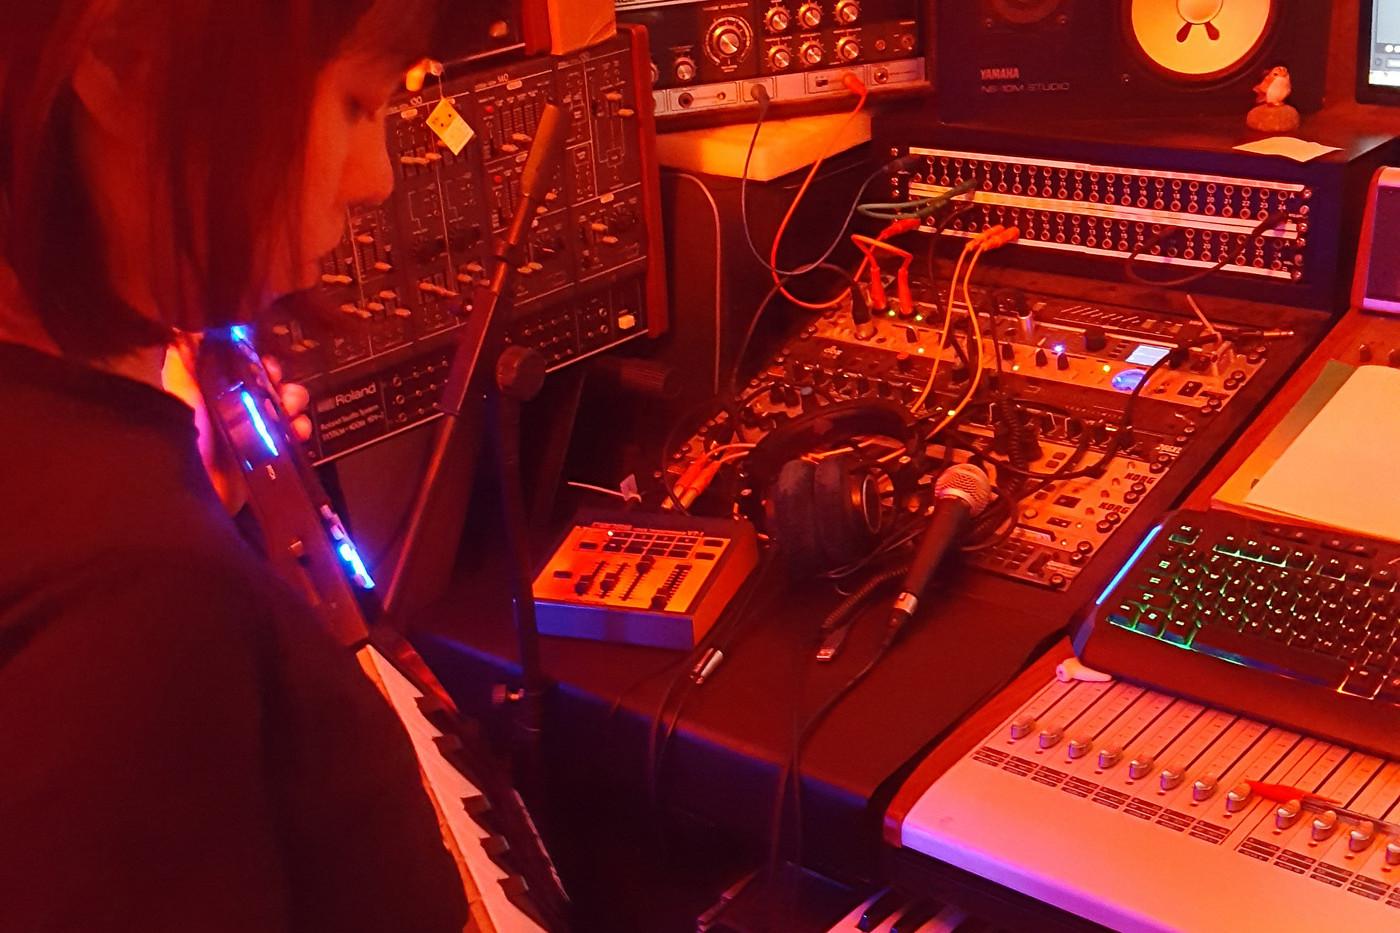 Pion Leung recording in studio.